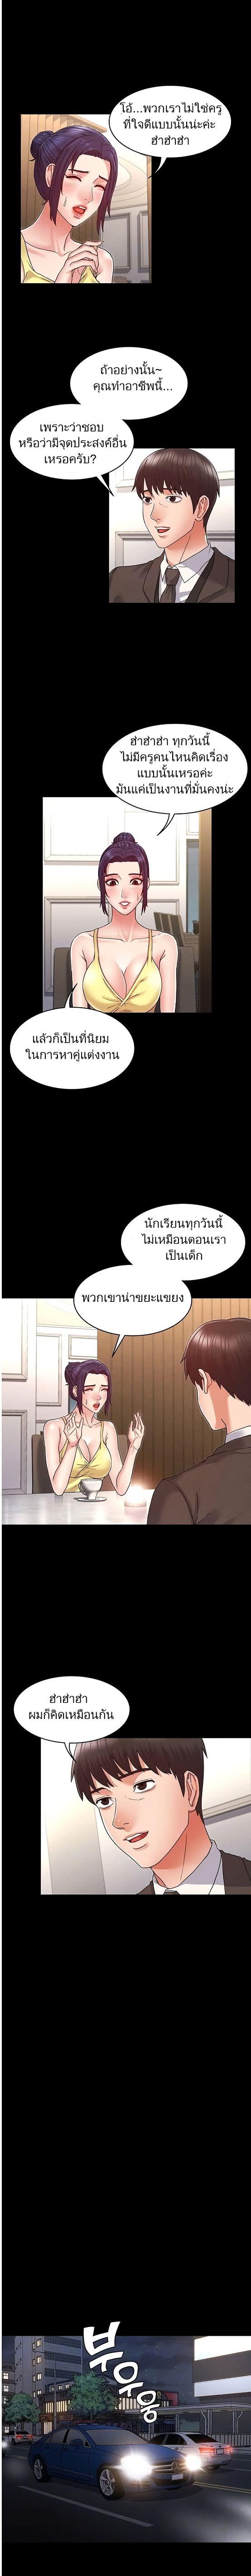 Teacher Punishment - หน้า 4